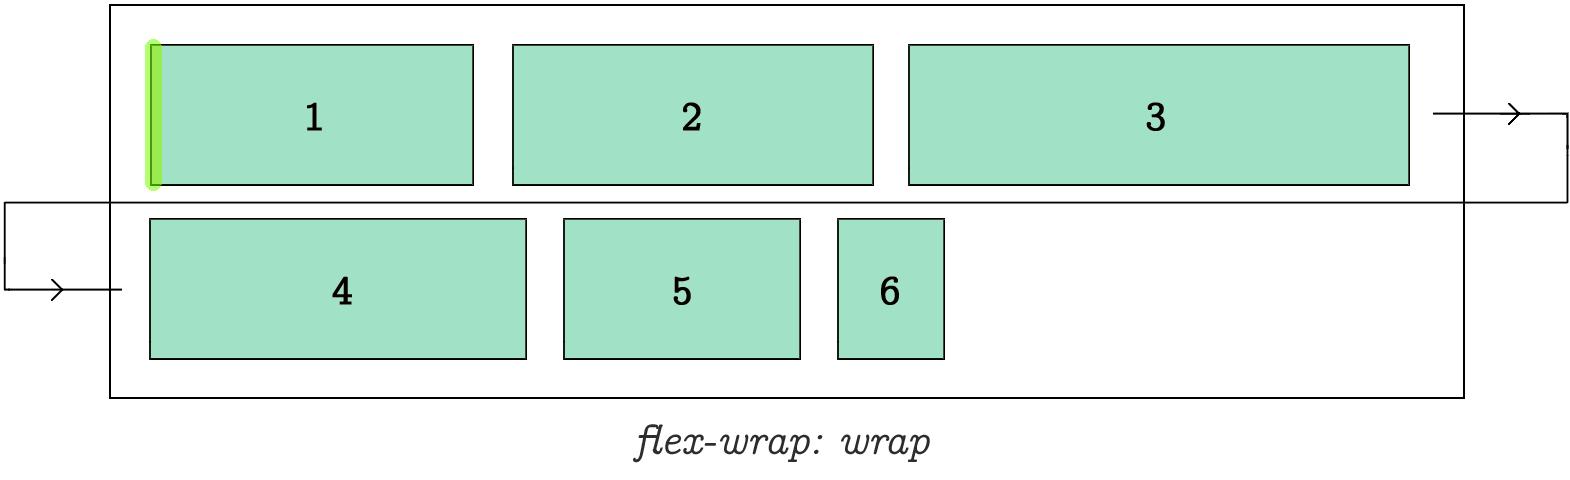 Flex Wrap